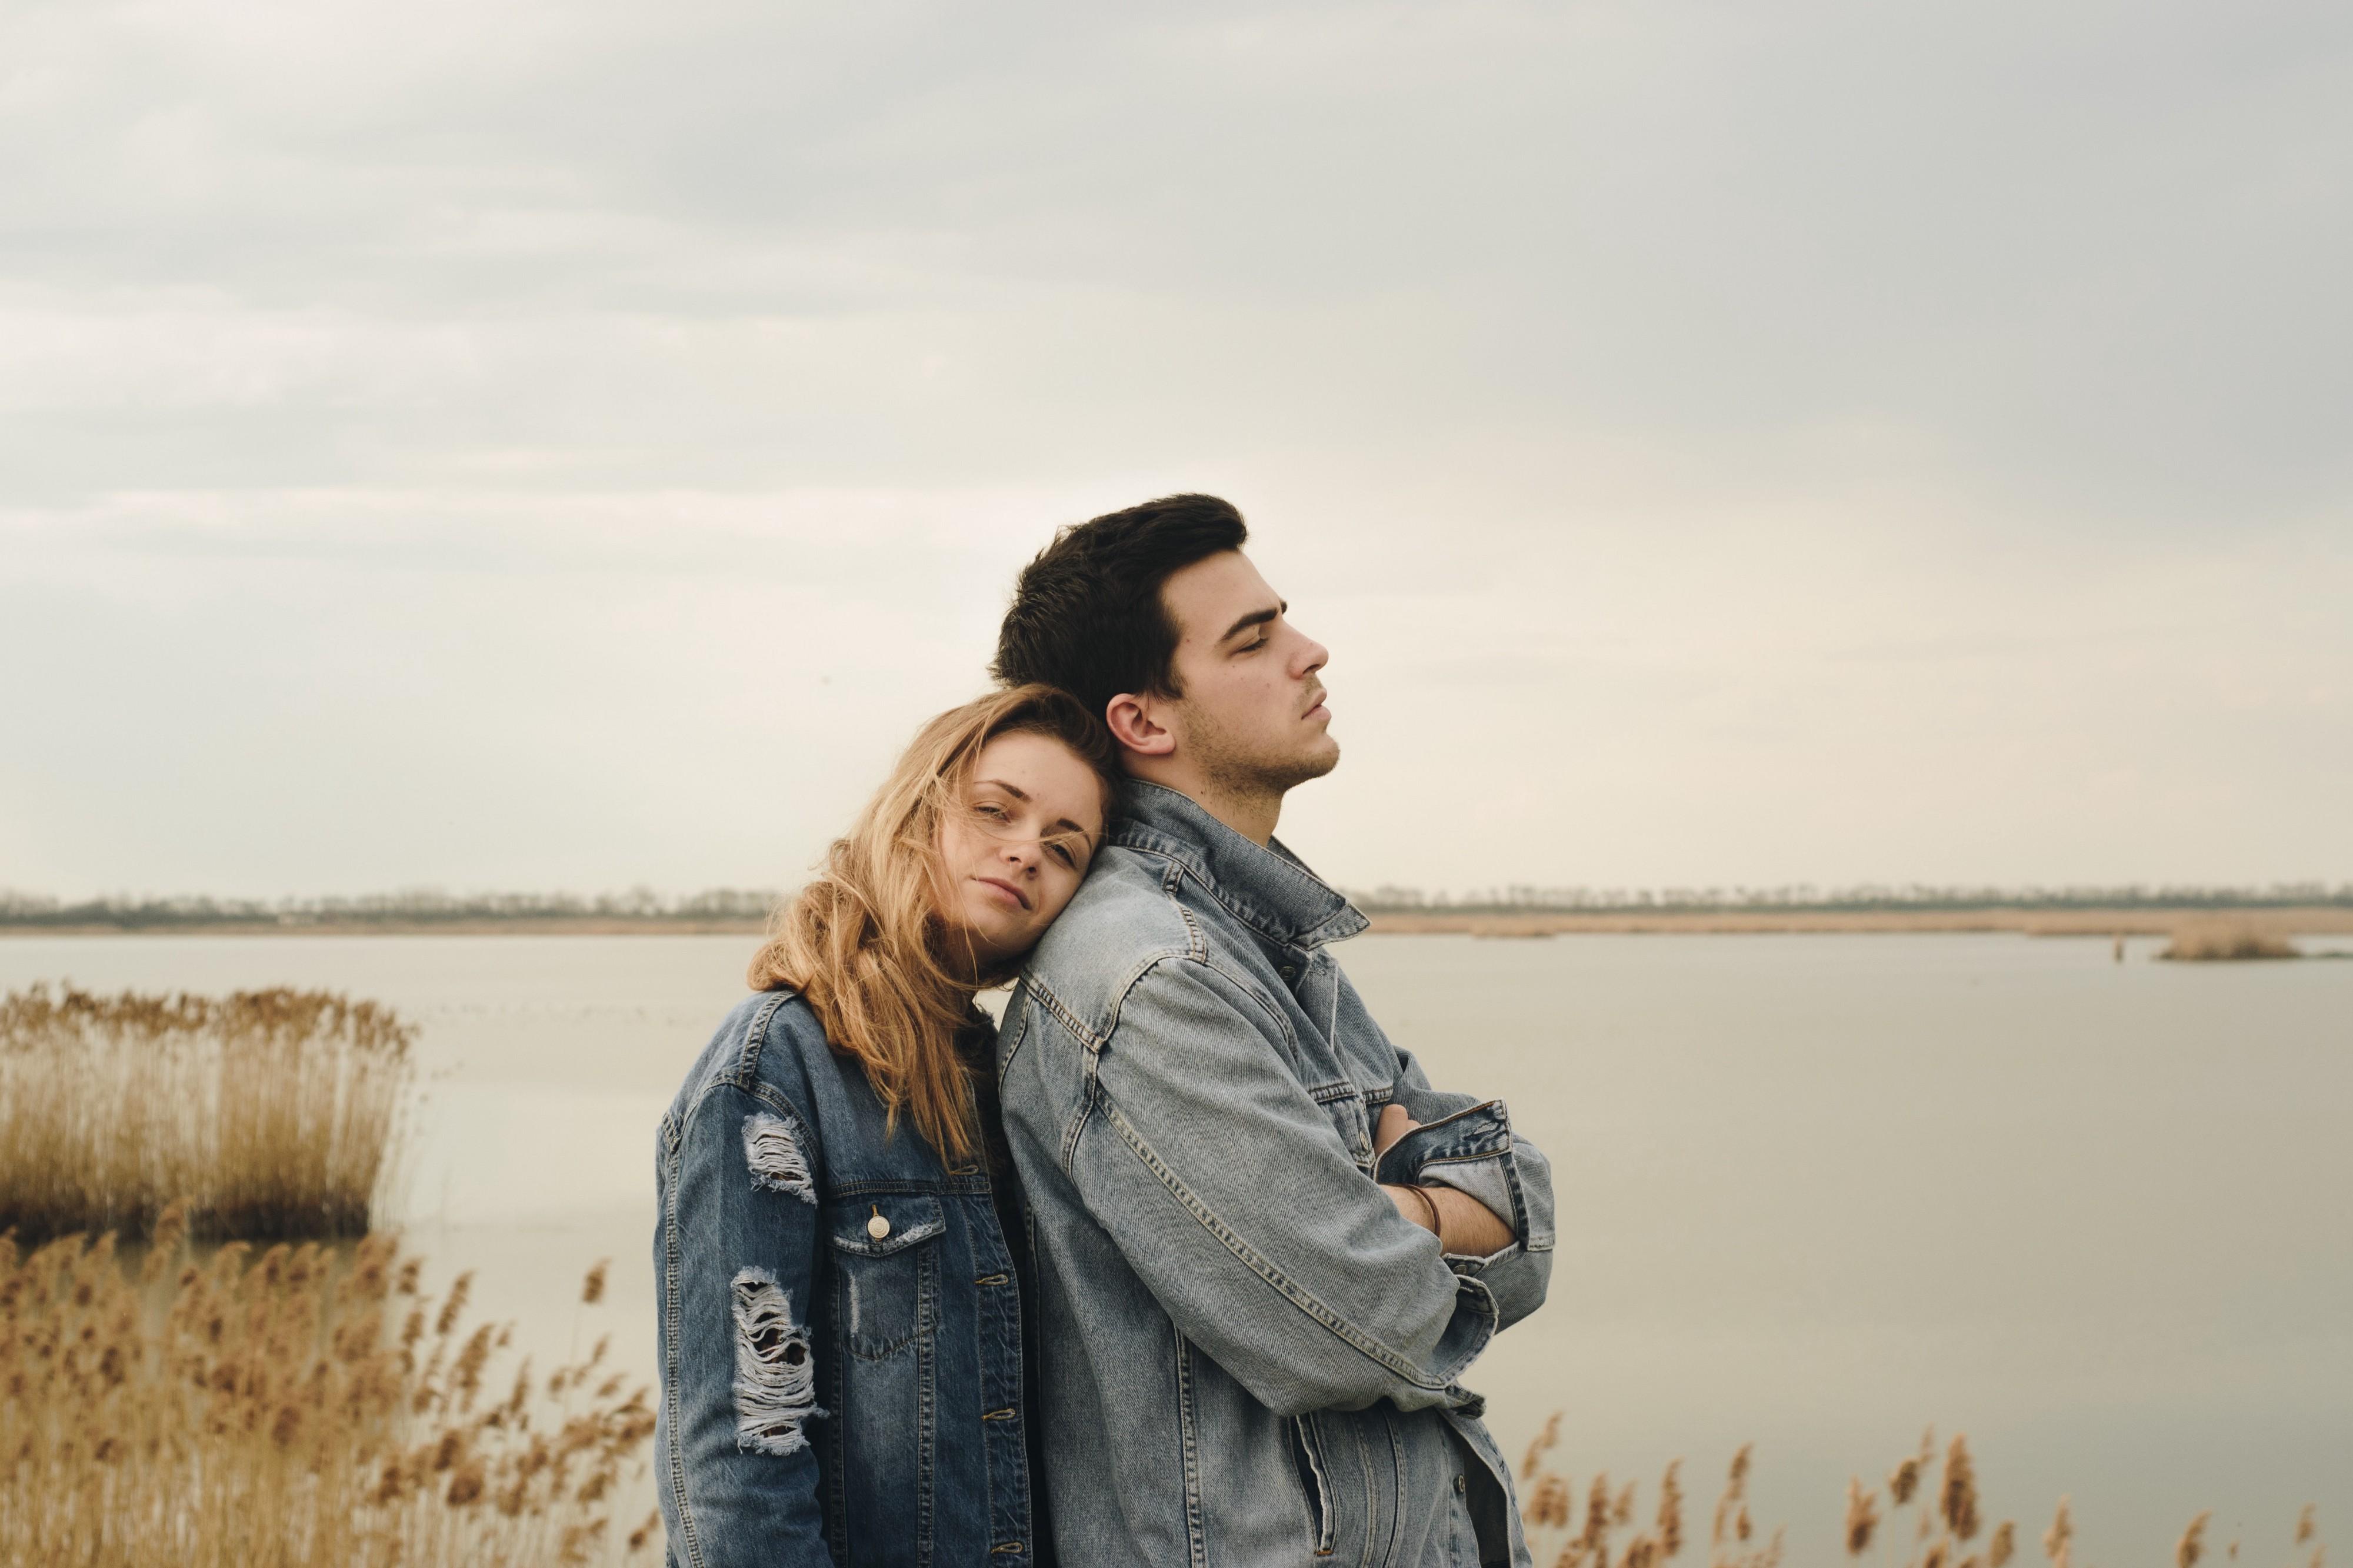 چگونه میتوان از وابسته بودن در رابطه عاطفی دست کشید؟